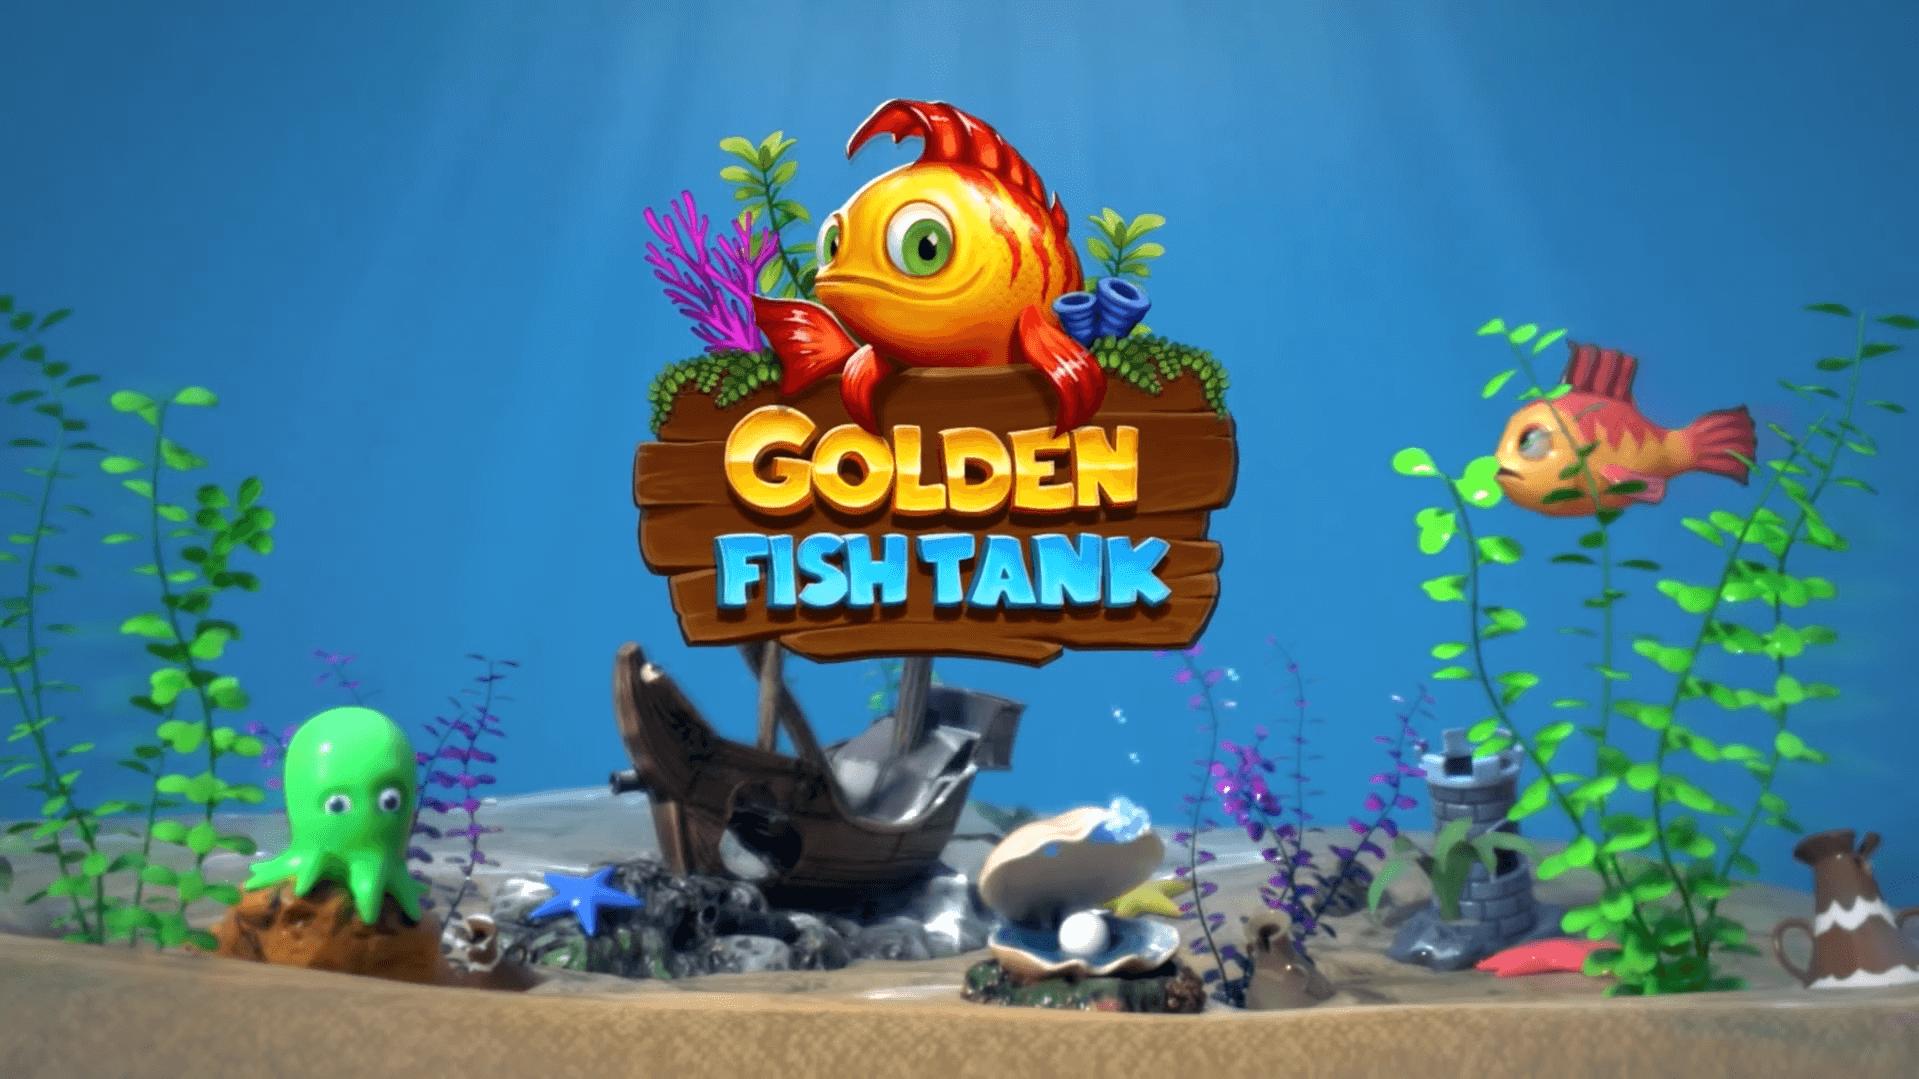 Golden Fishtank slot